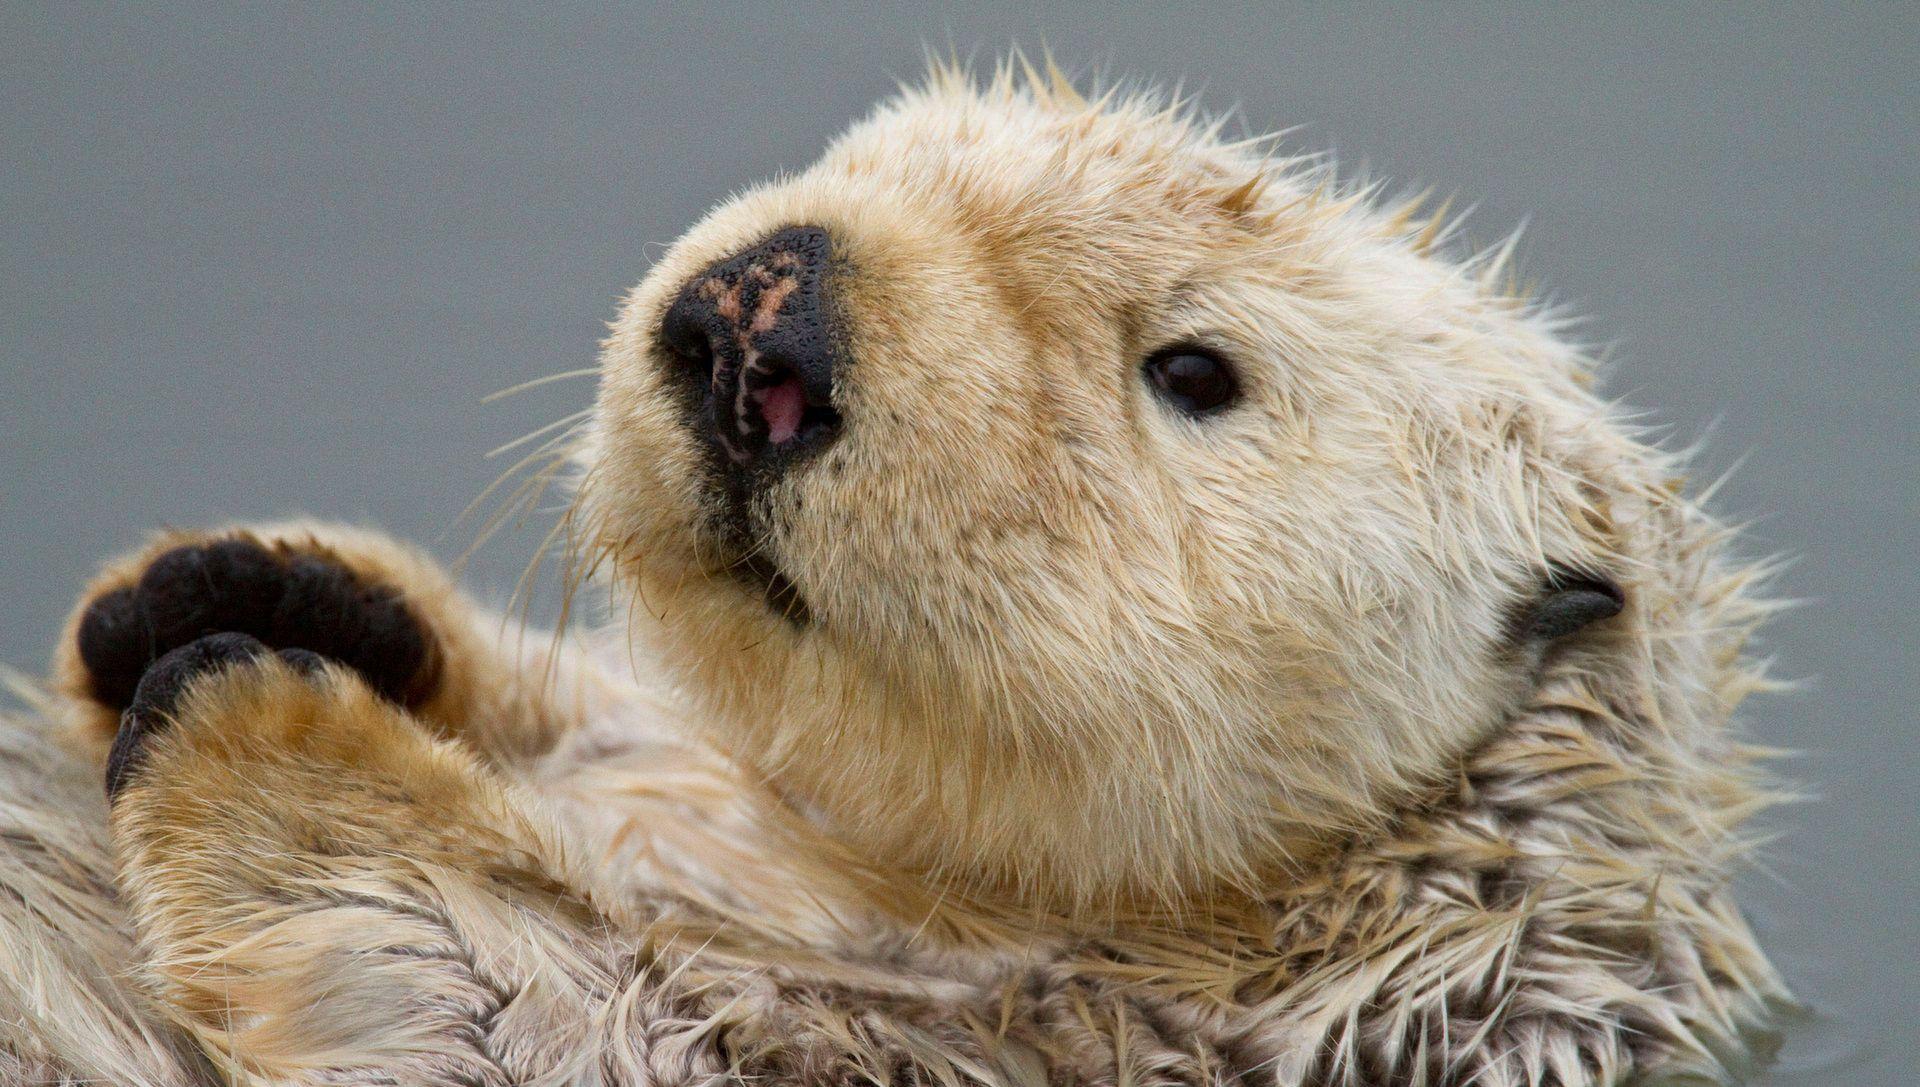 Sea Otter Awareness Week 可愛すぎる動物 ラッコ 動物